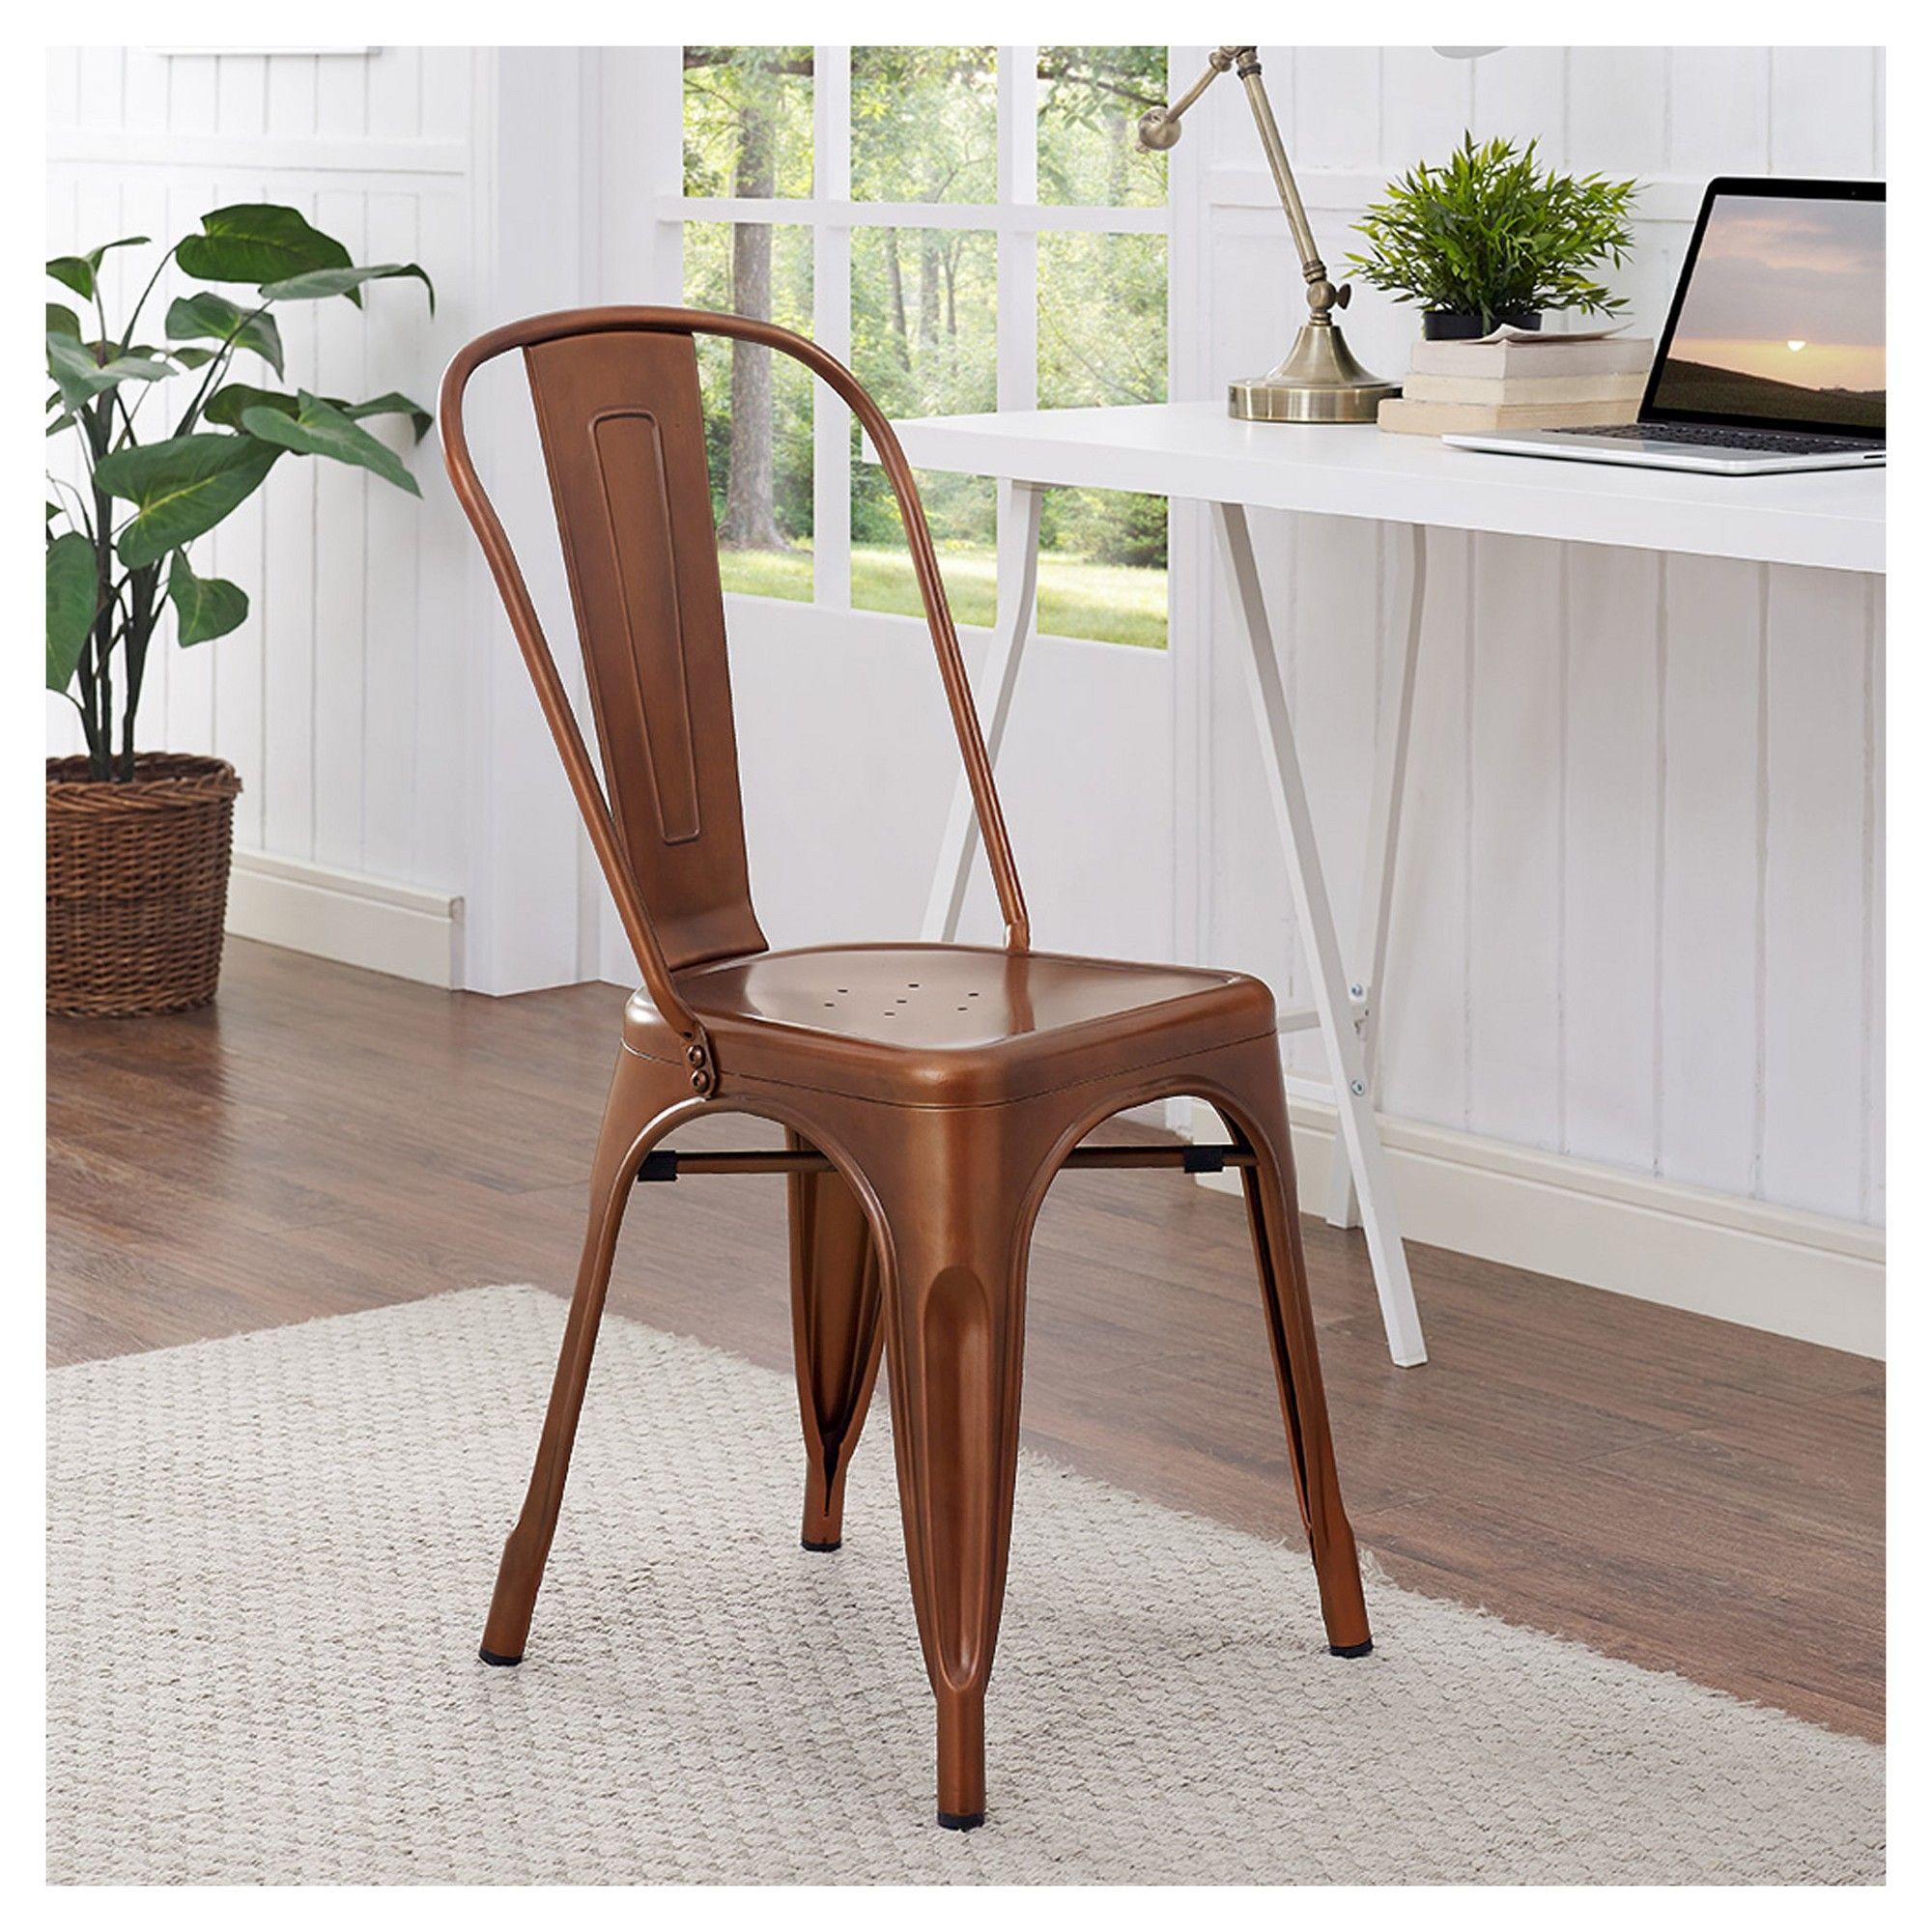 Ungewöhnlich Bistro Stil Küchentisch Und Stühle Ideen ...